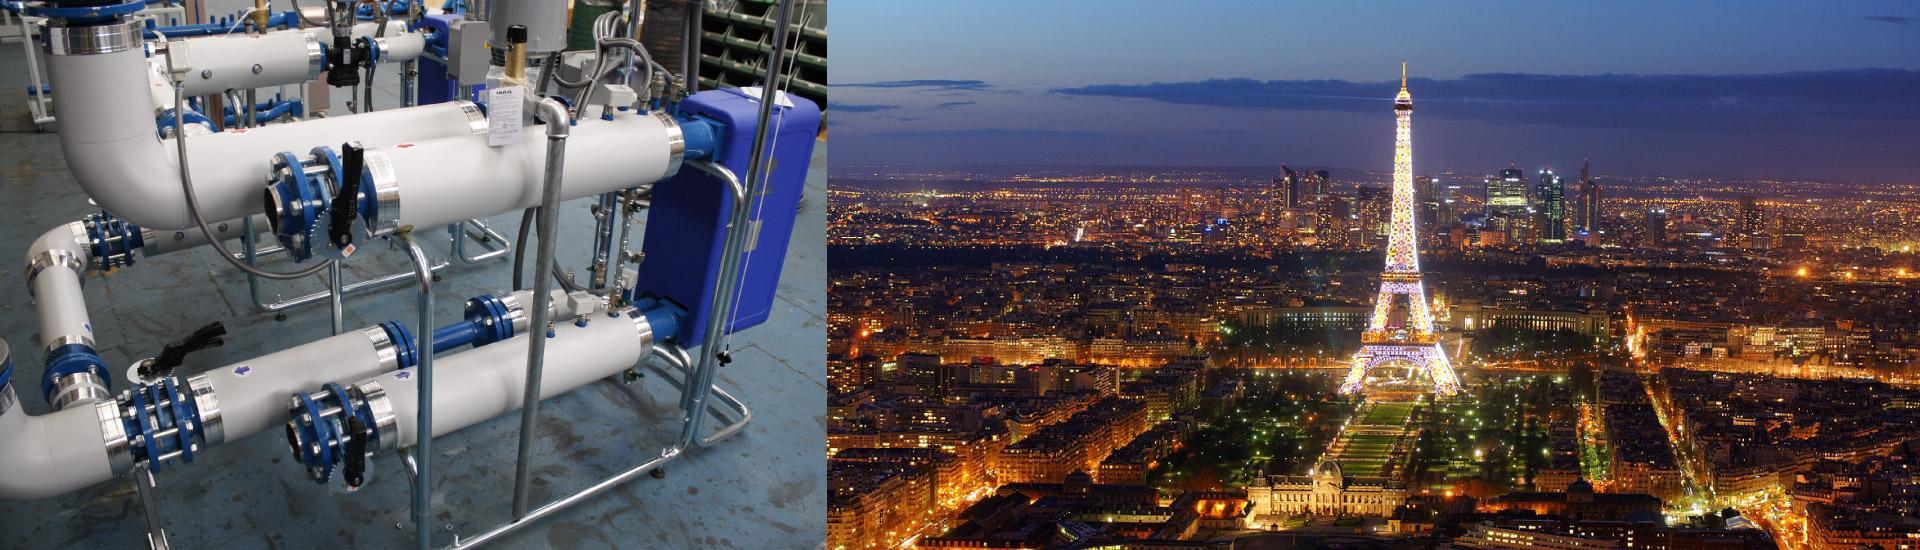 Le sottostazioni di teleriscaldamento AMARC DHS riscaldano alcuni quartieri di Parigi.